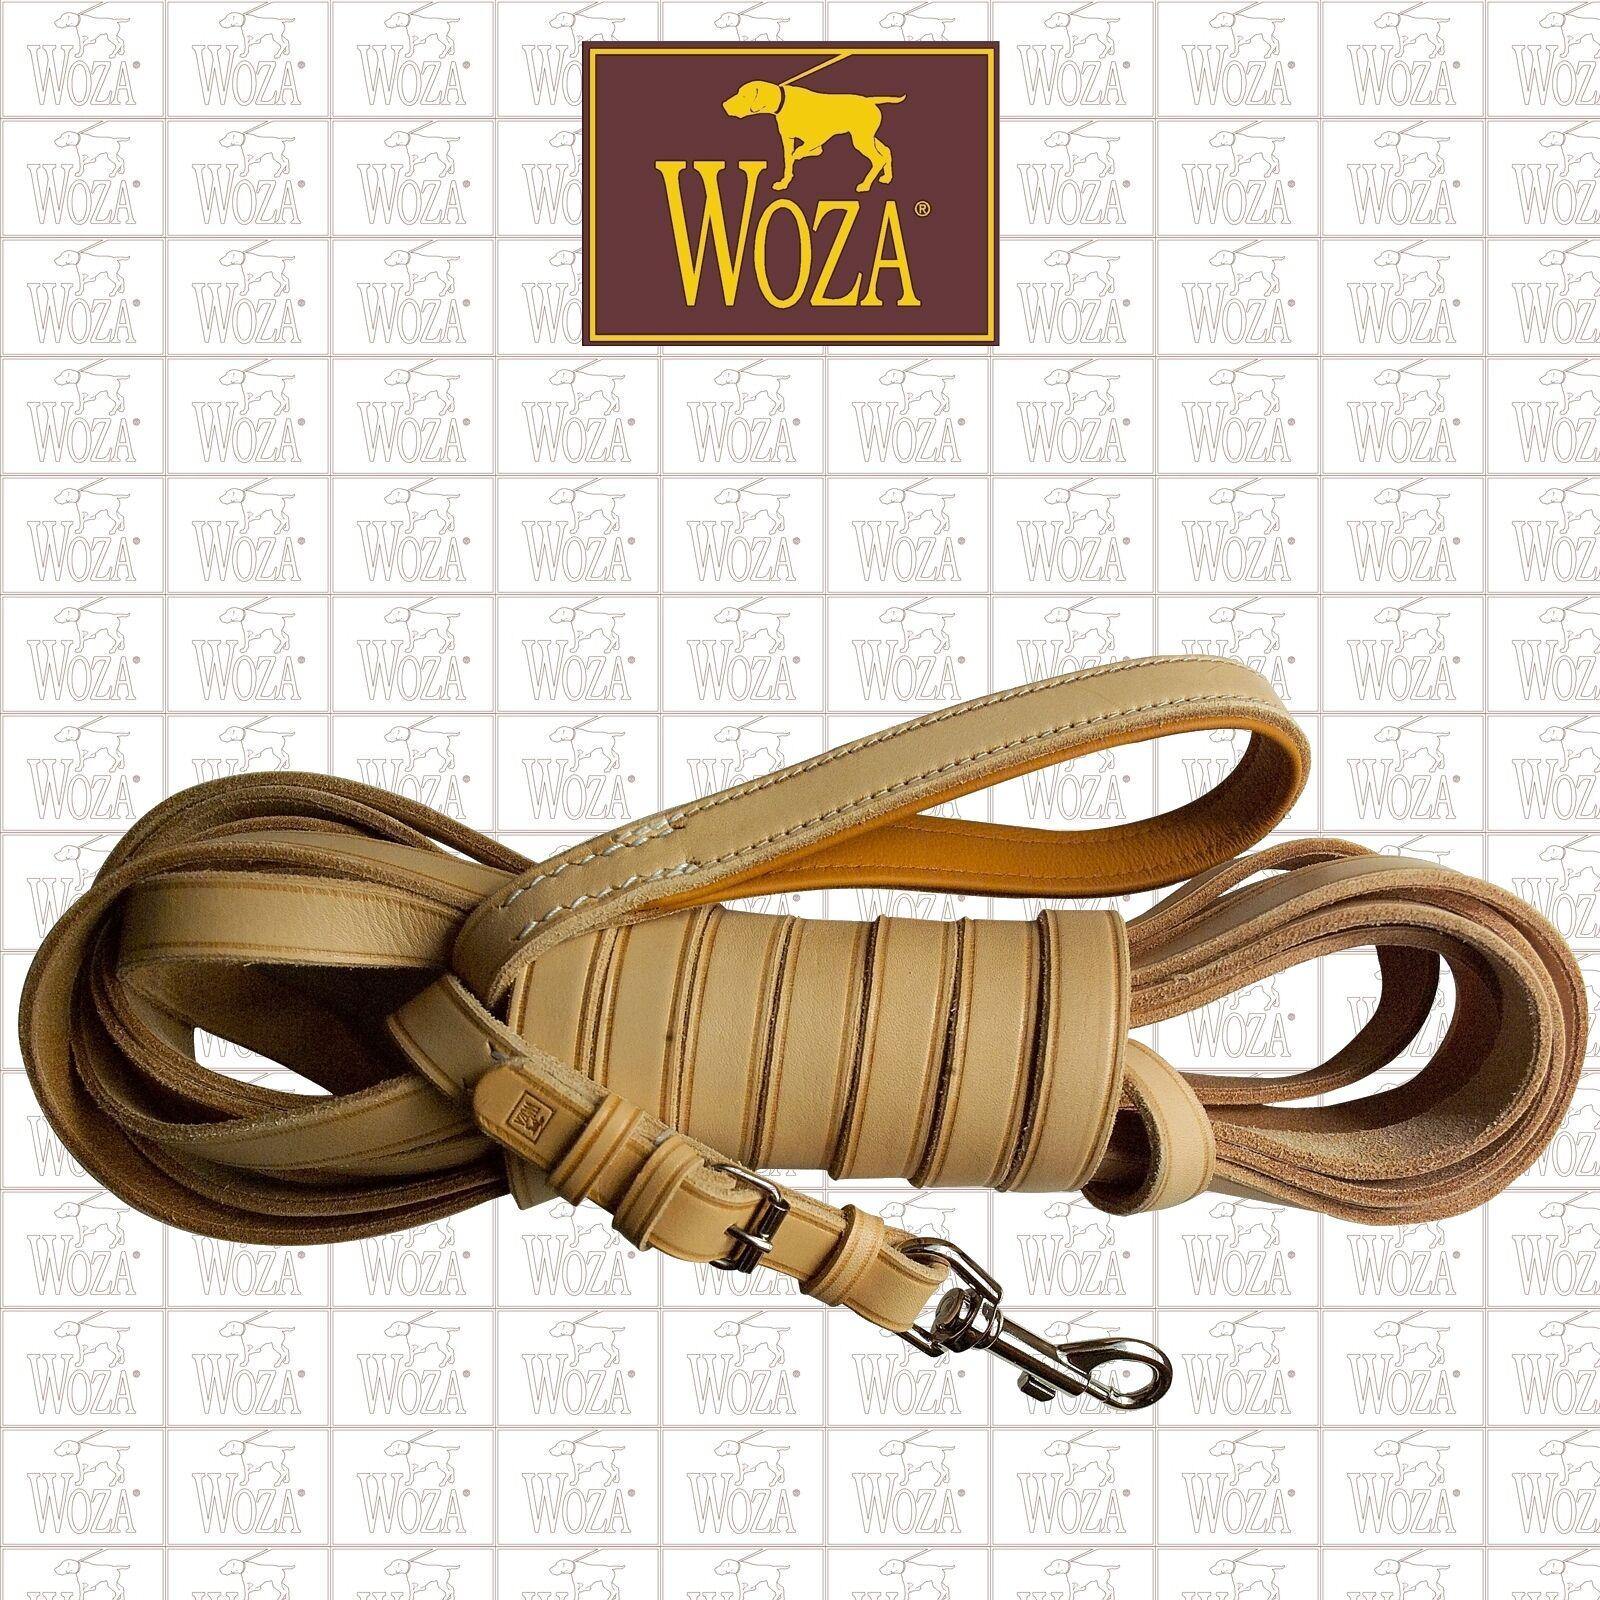 WOZA Premium Handgenähte Trainingsleine Schleppleine Vollleder Rindnappa LS11968    Viele Stile